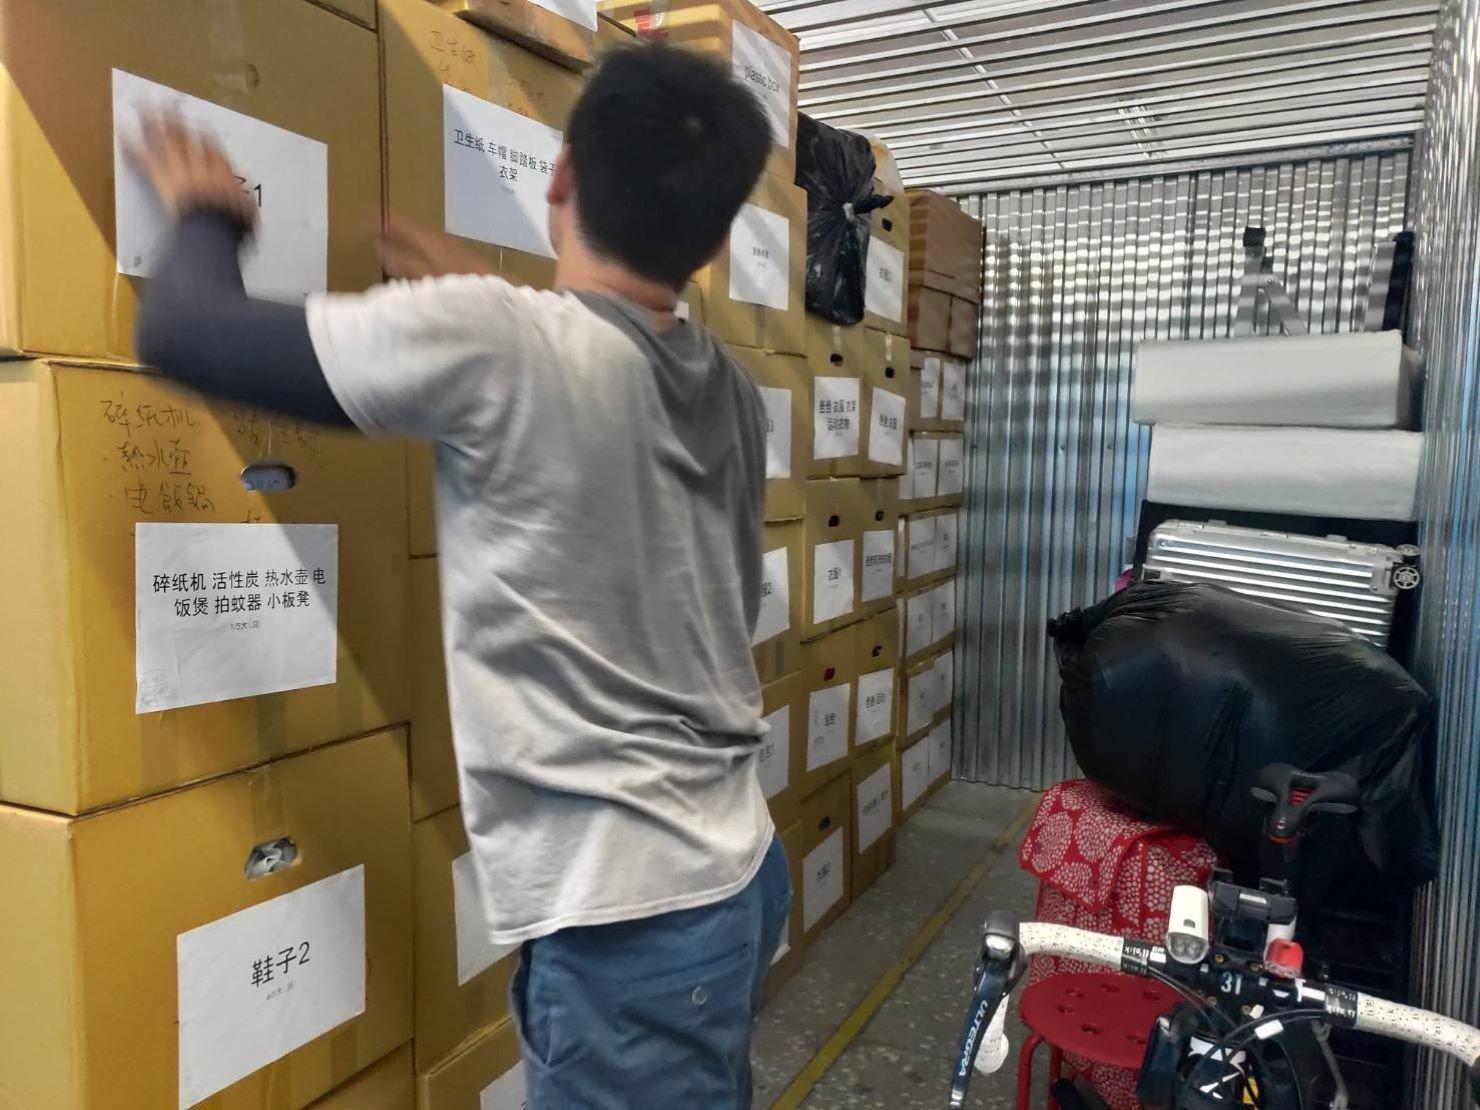 【搬家實錄】家具,物件需暫放倉儲,搬家公司有倉儲搬運服務嗎? | 『榮福搬家』| 臺北/新北/桃園搬家公司 ...